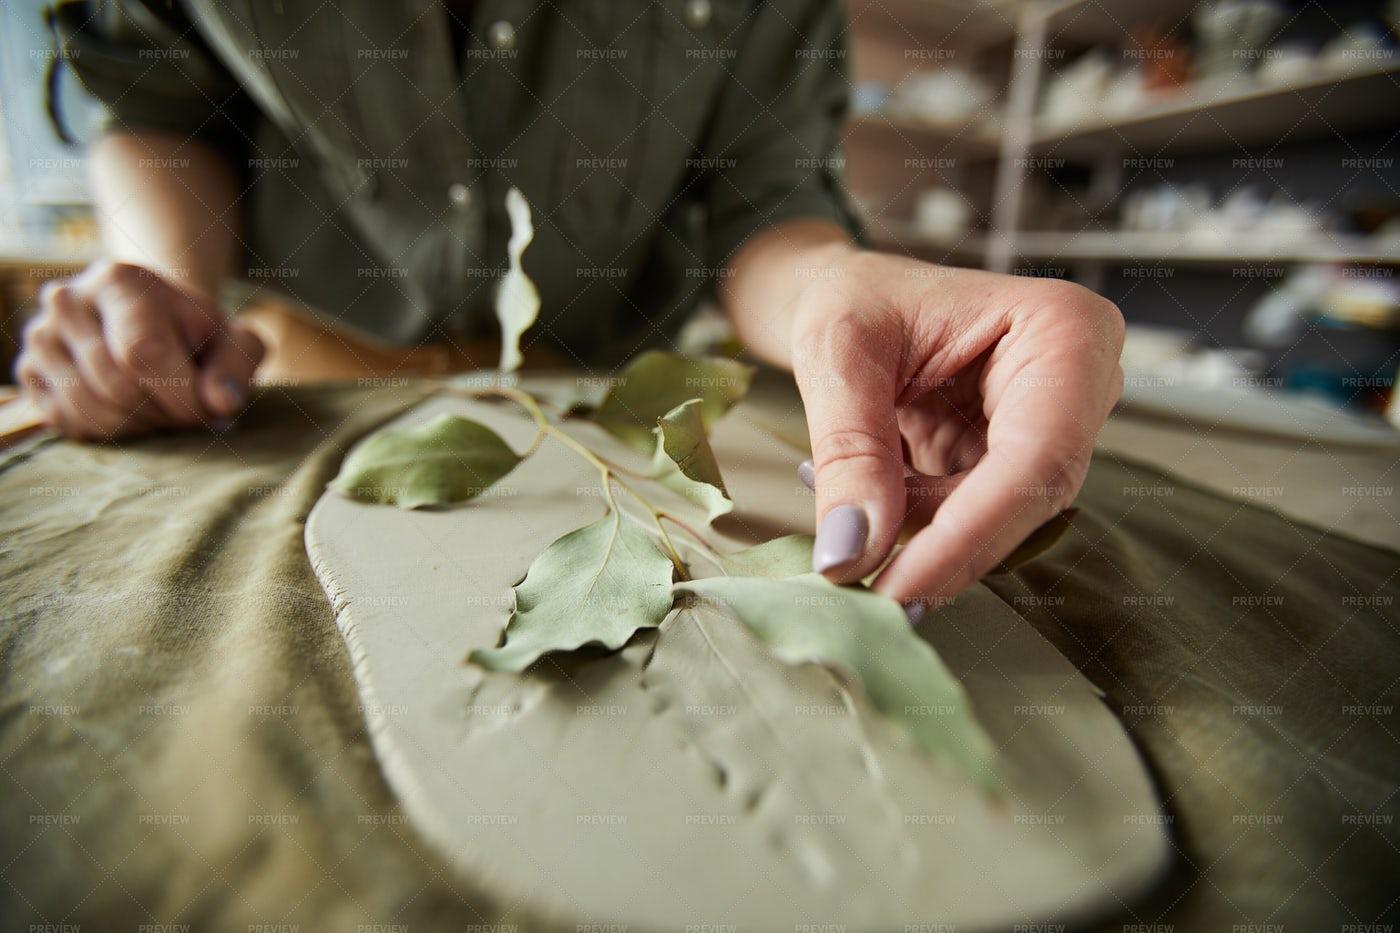 Plant Print In Ceramics: Stock Photos